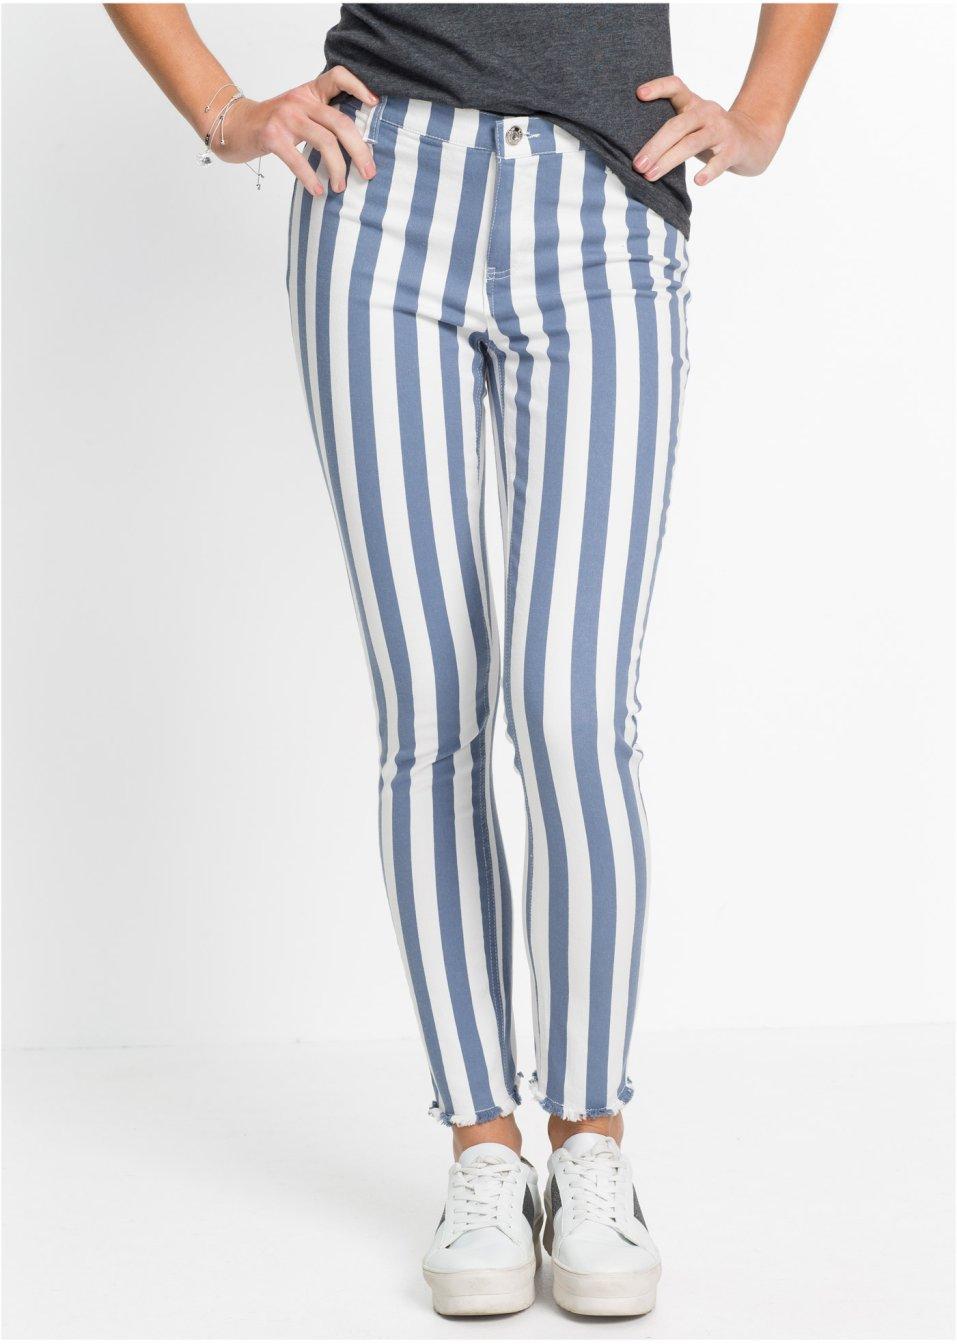 Trendige Hose mit Fransensaum - weiß/blau gestreift